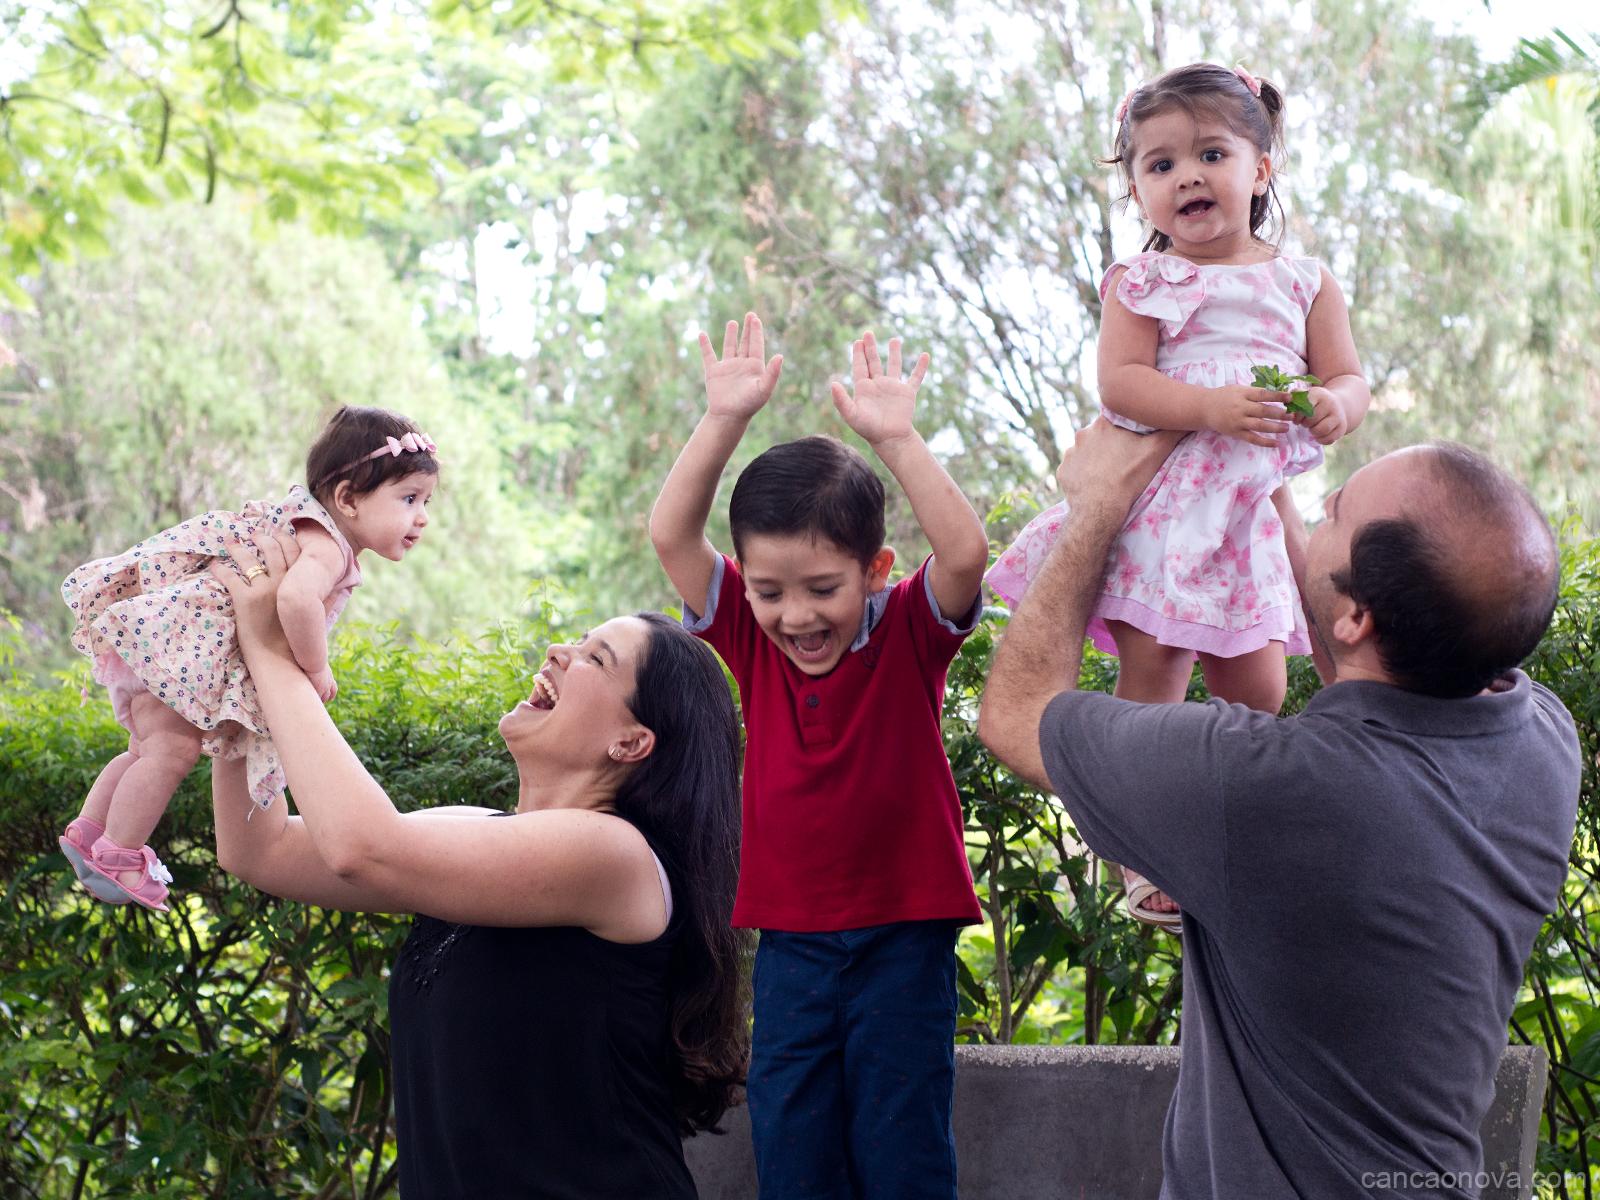 O futuro da humanidade passa pela família